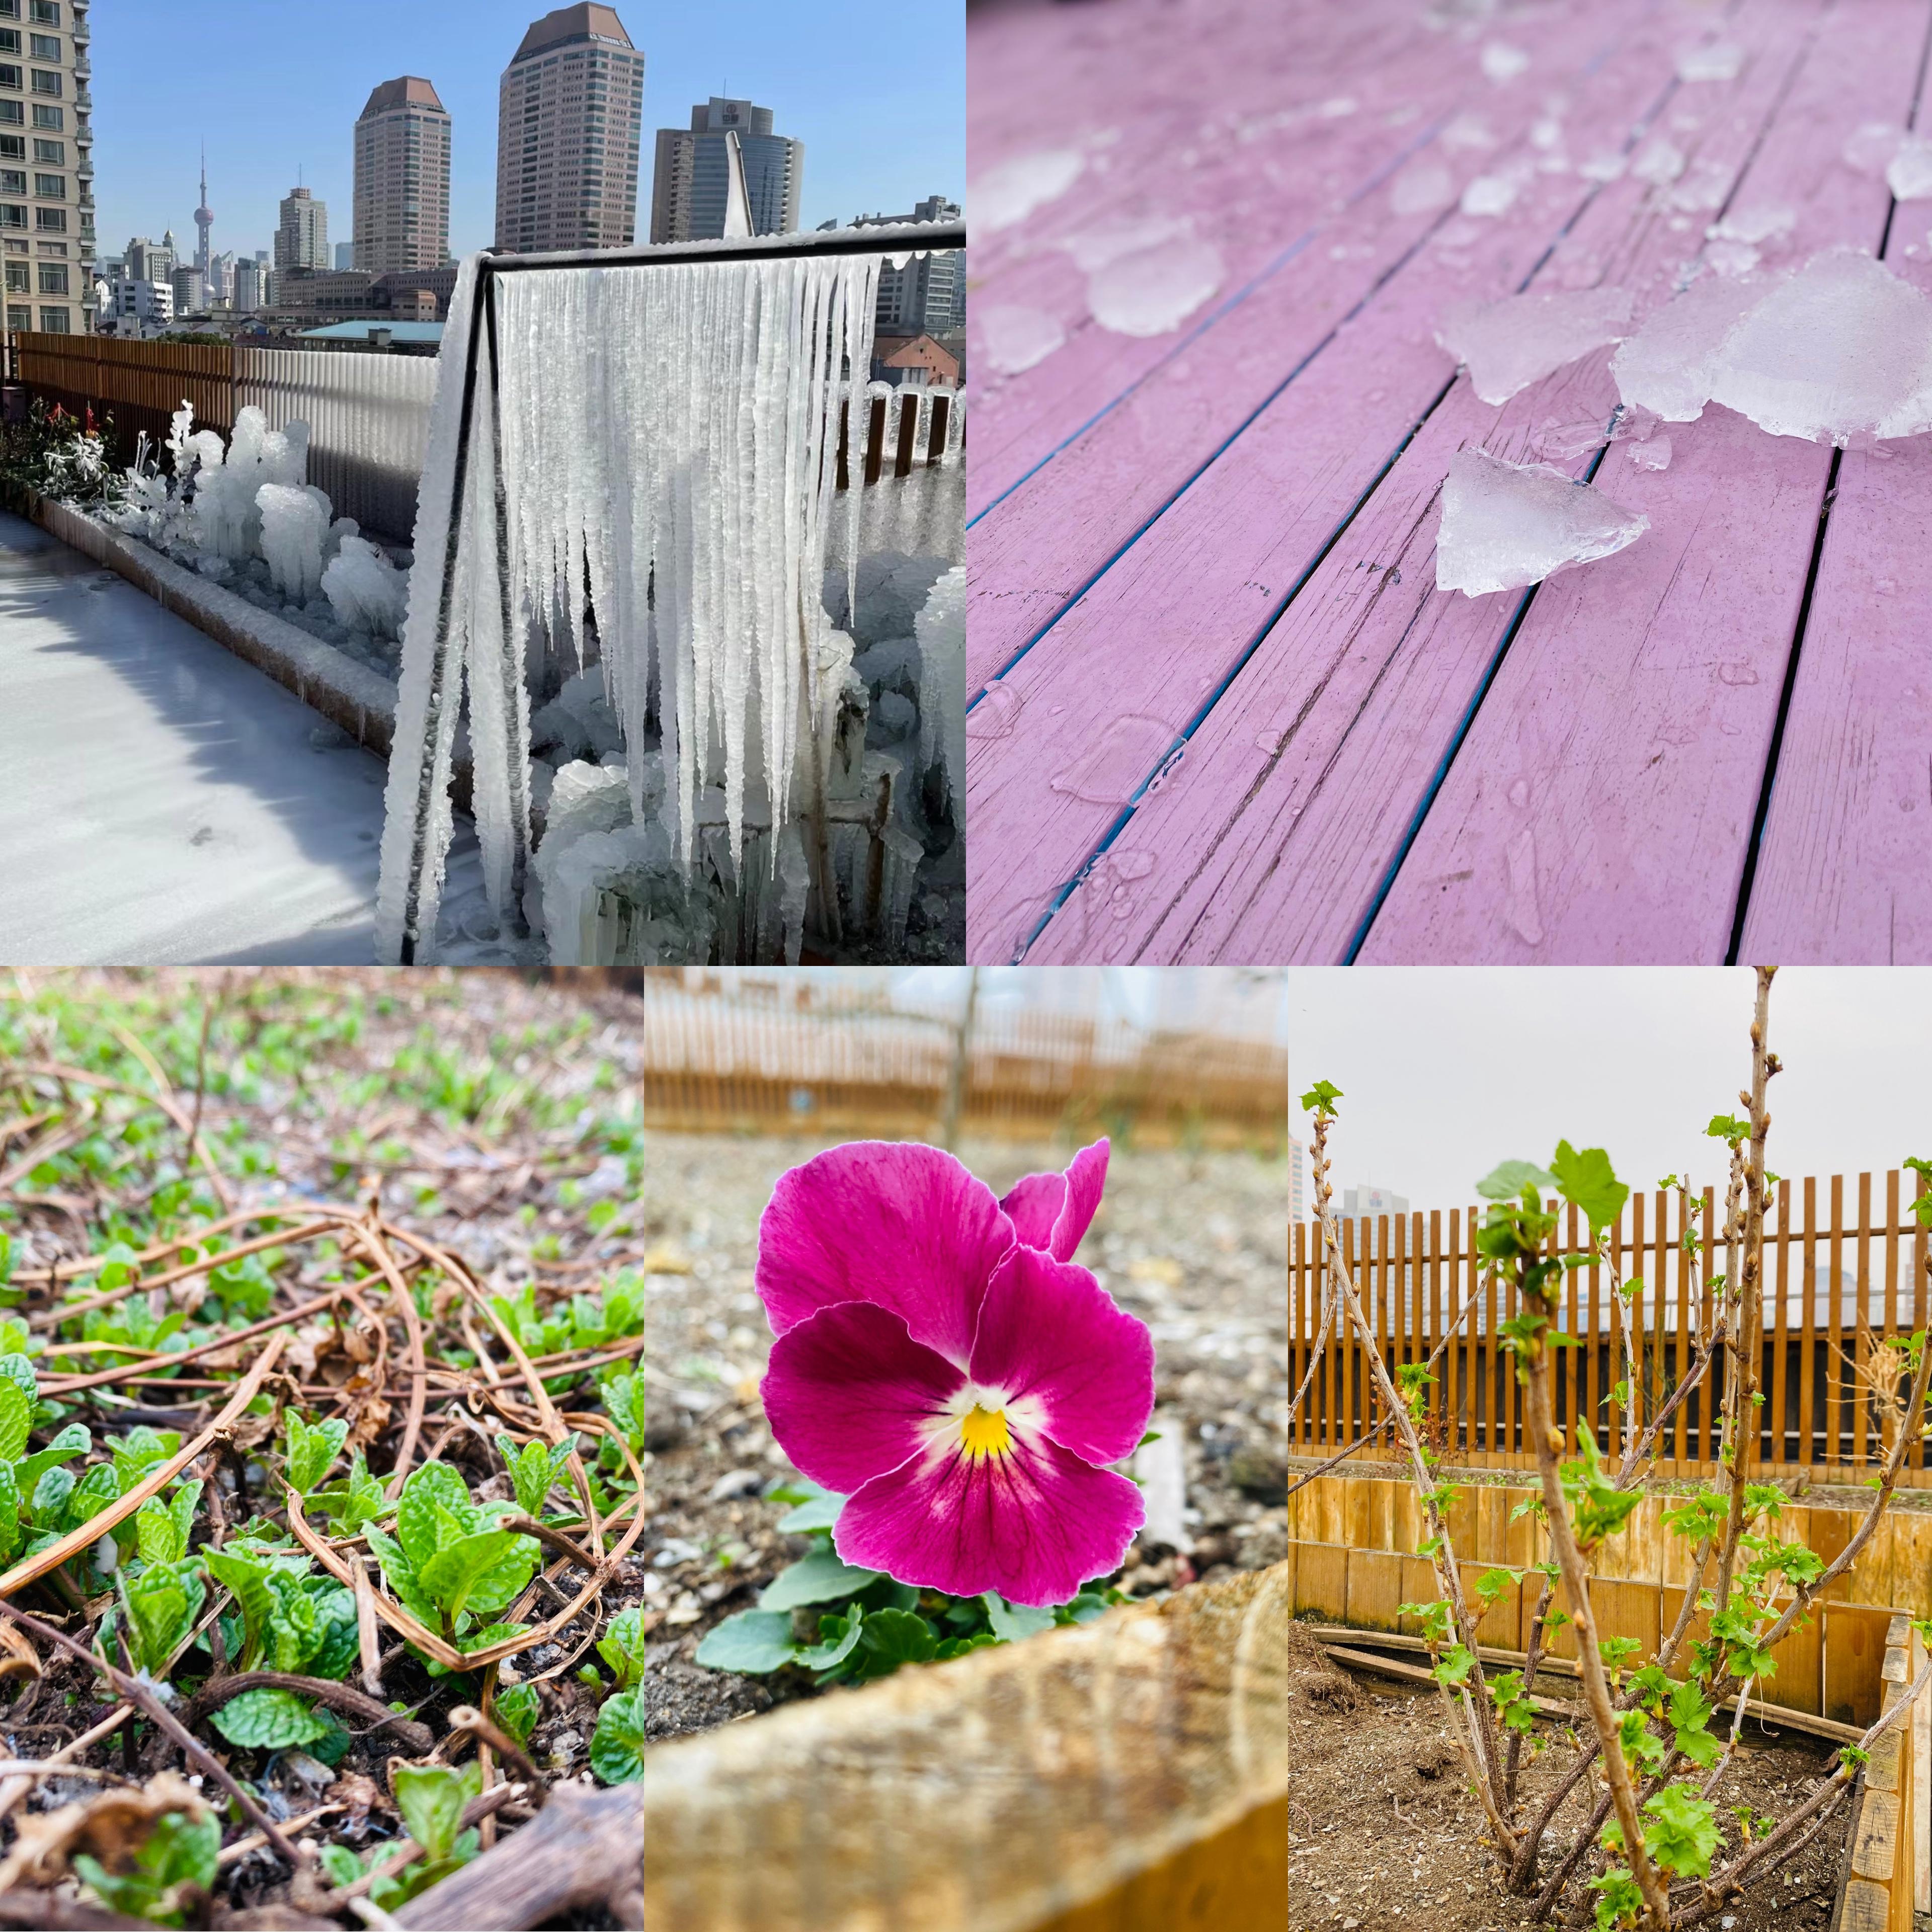 寒潮期间被冻在冰里的植物,天气暖和后又复活了。